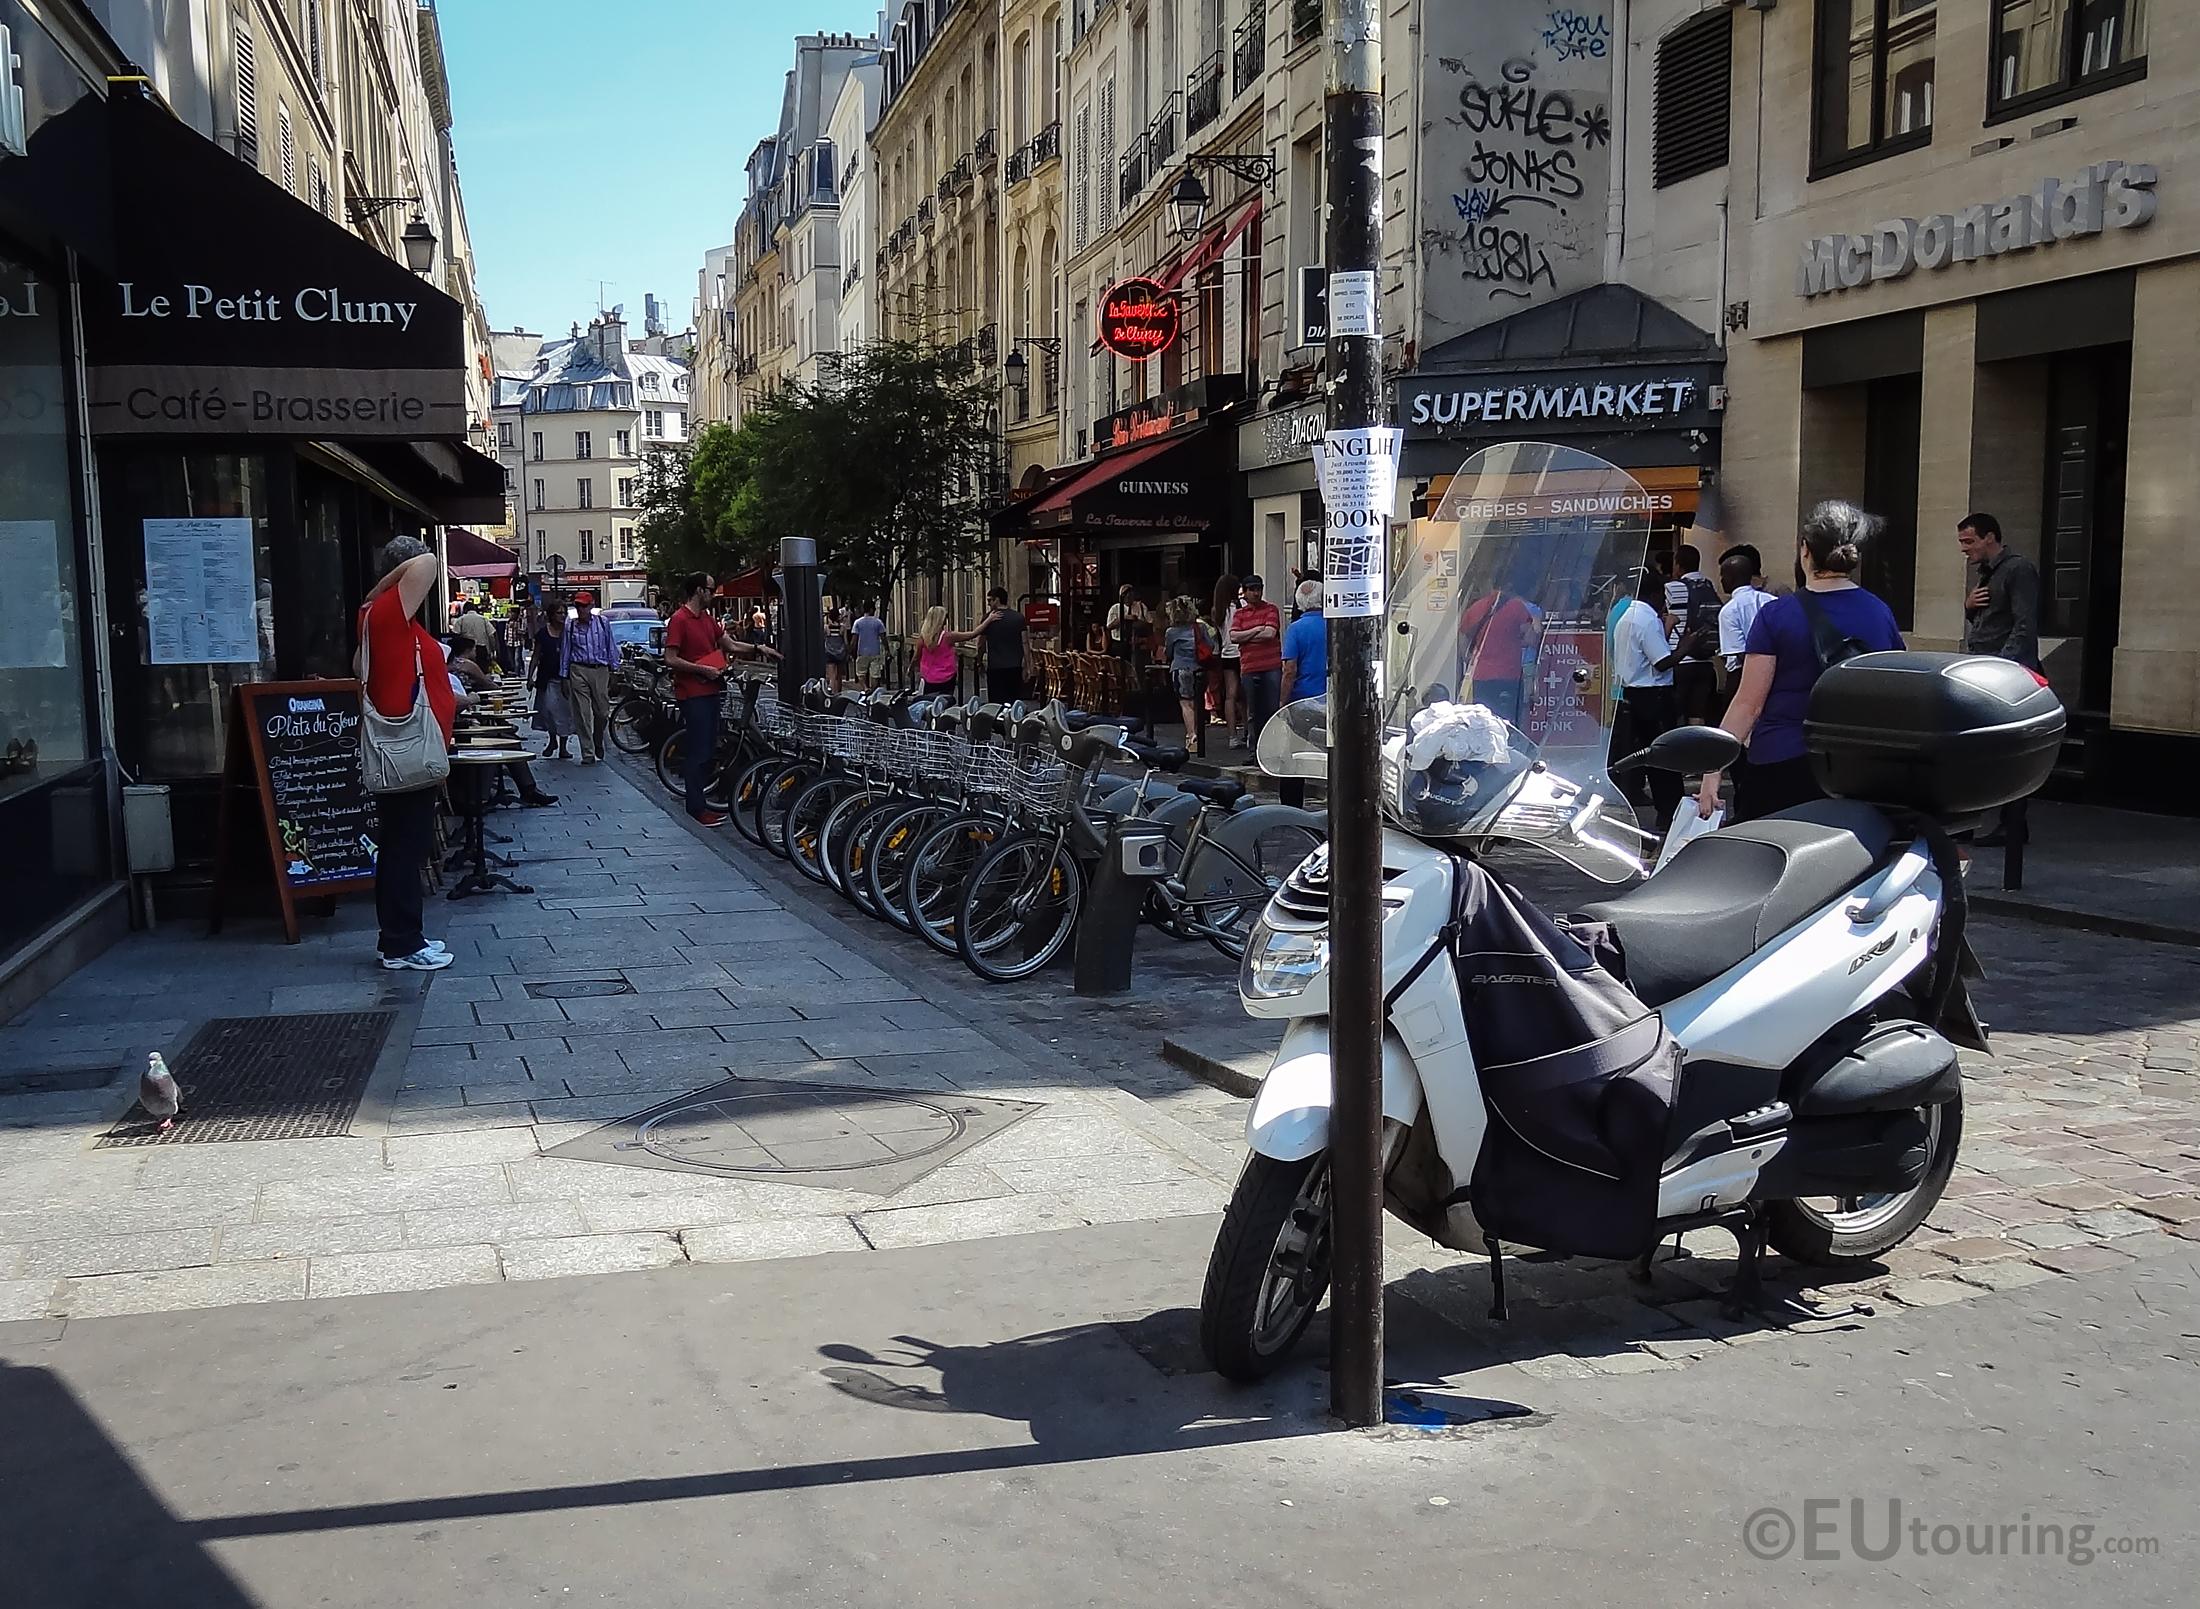 Row of Velib bikes between shops